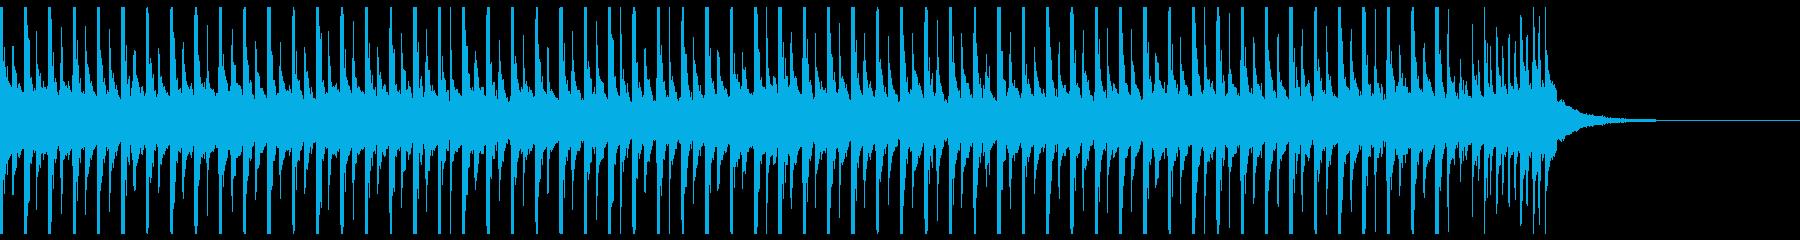 旅行(35秒)の再生済みの波形